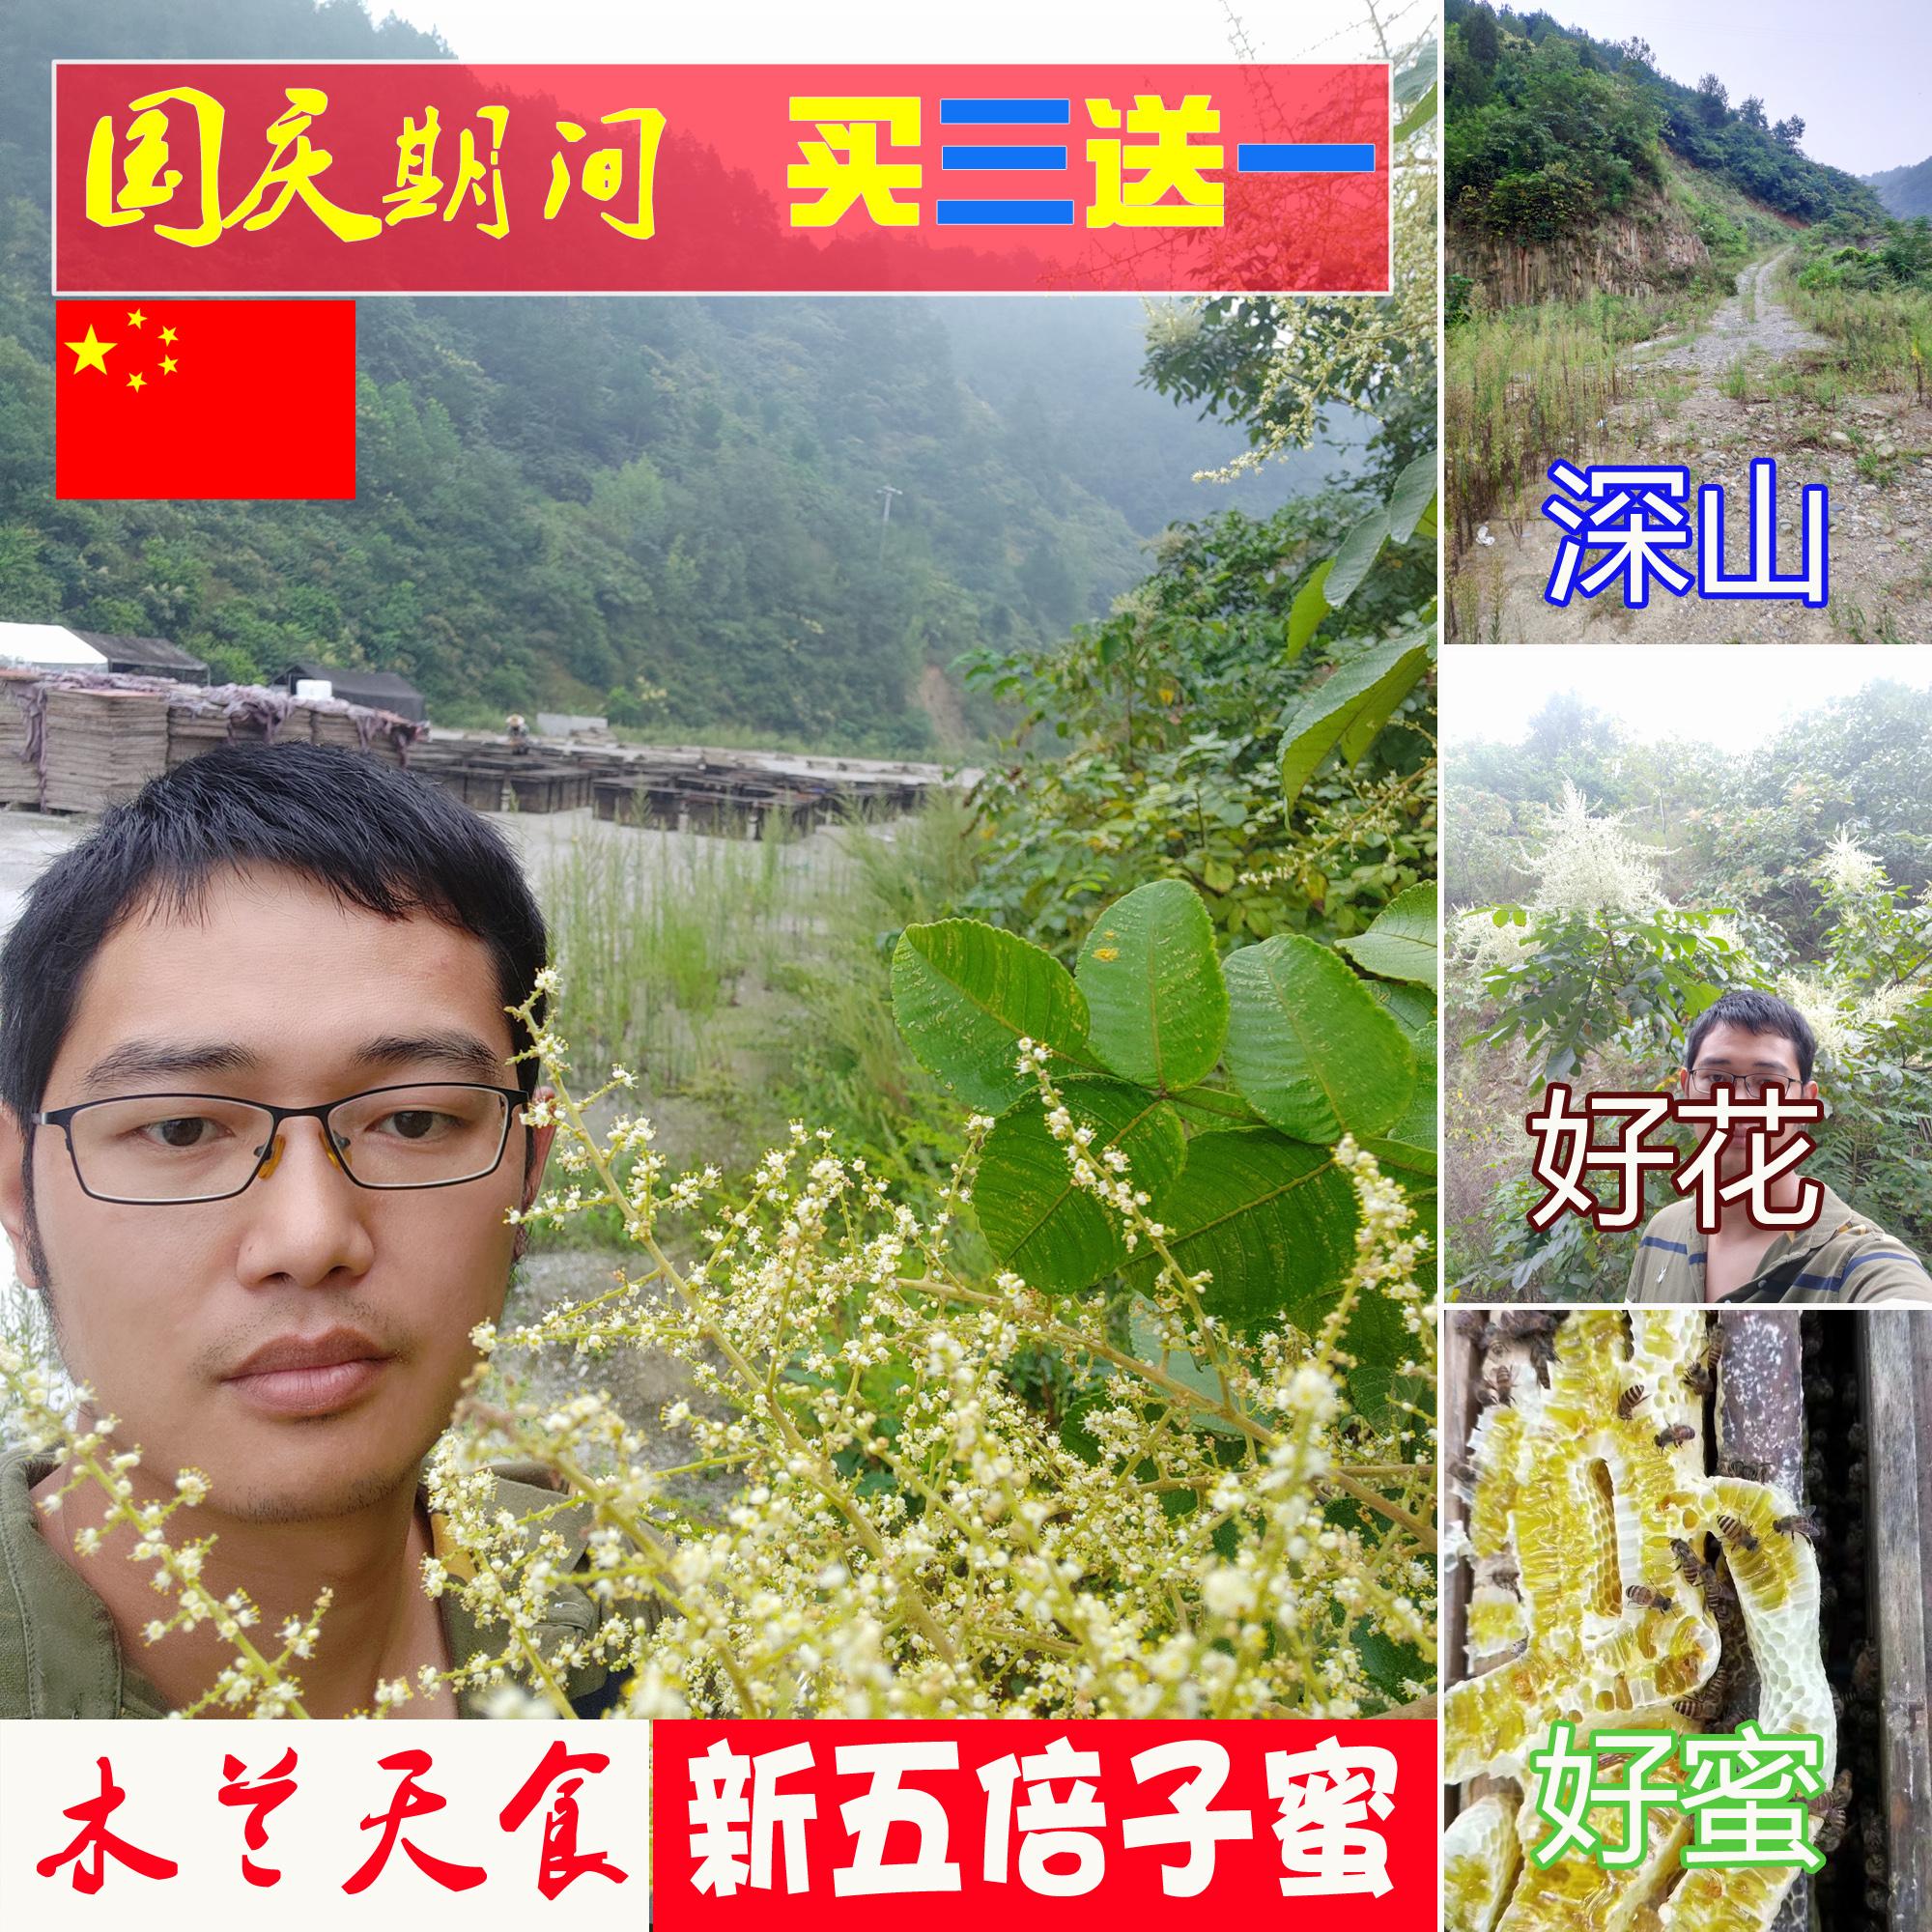 2019新鲜天然蜂农自产自销会土蜂蜜(用1元券)